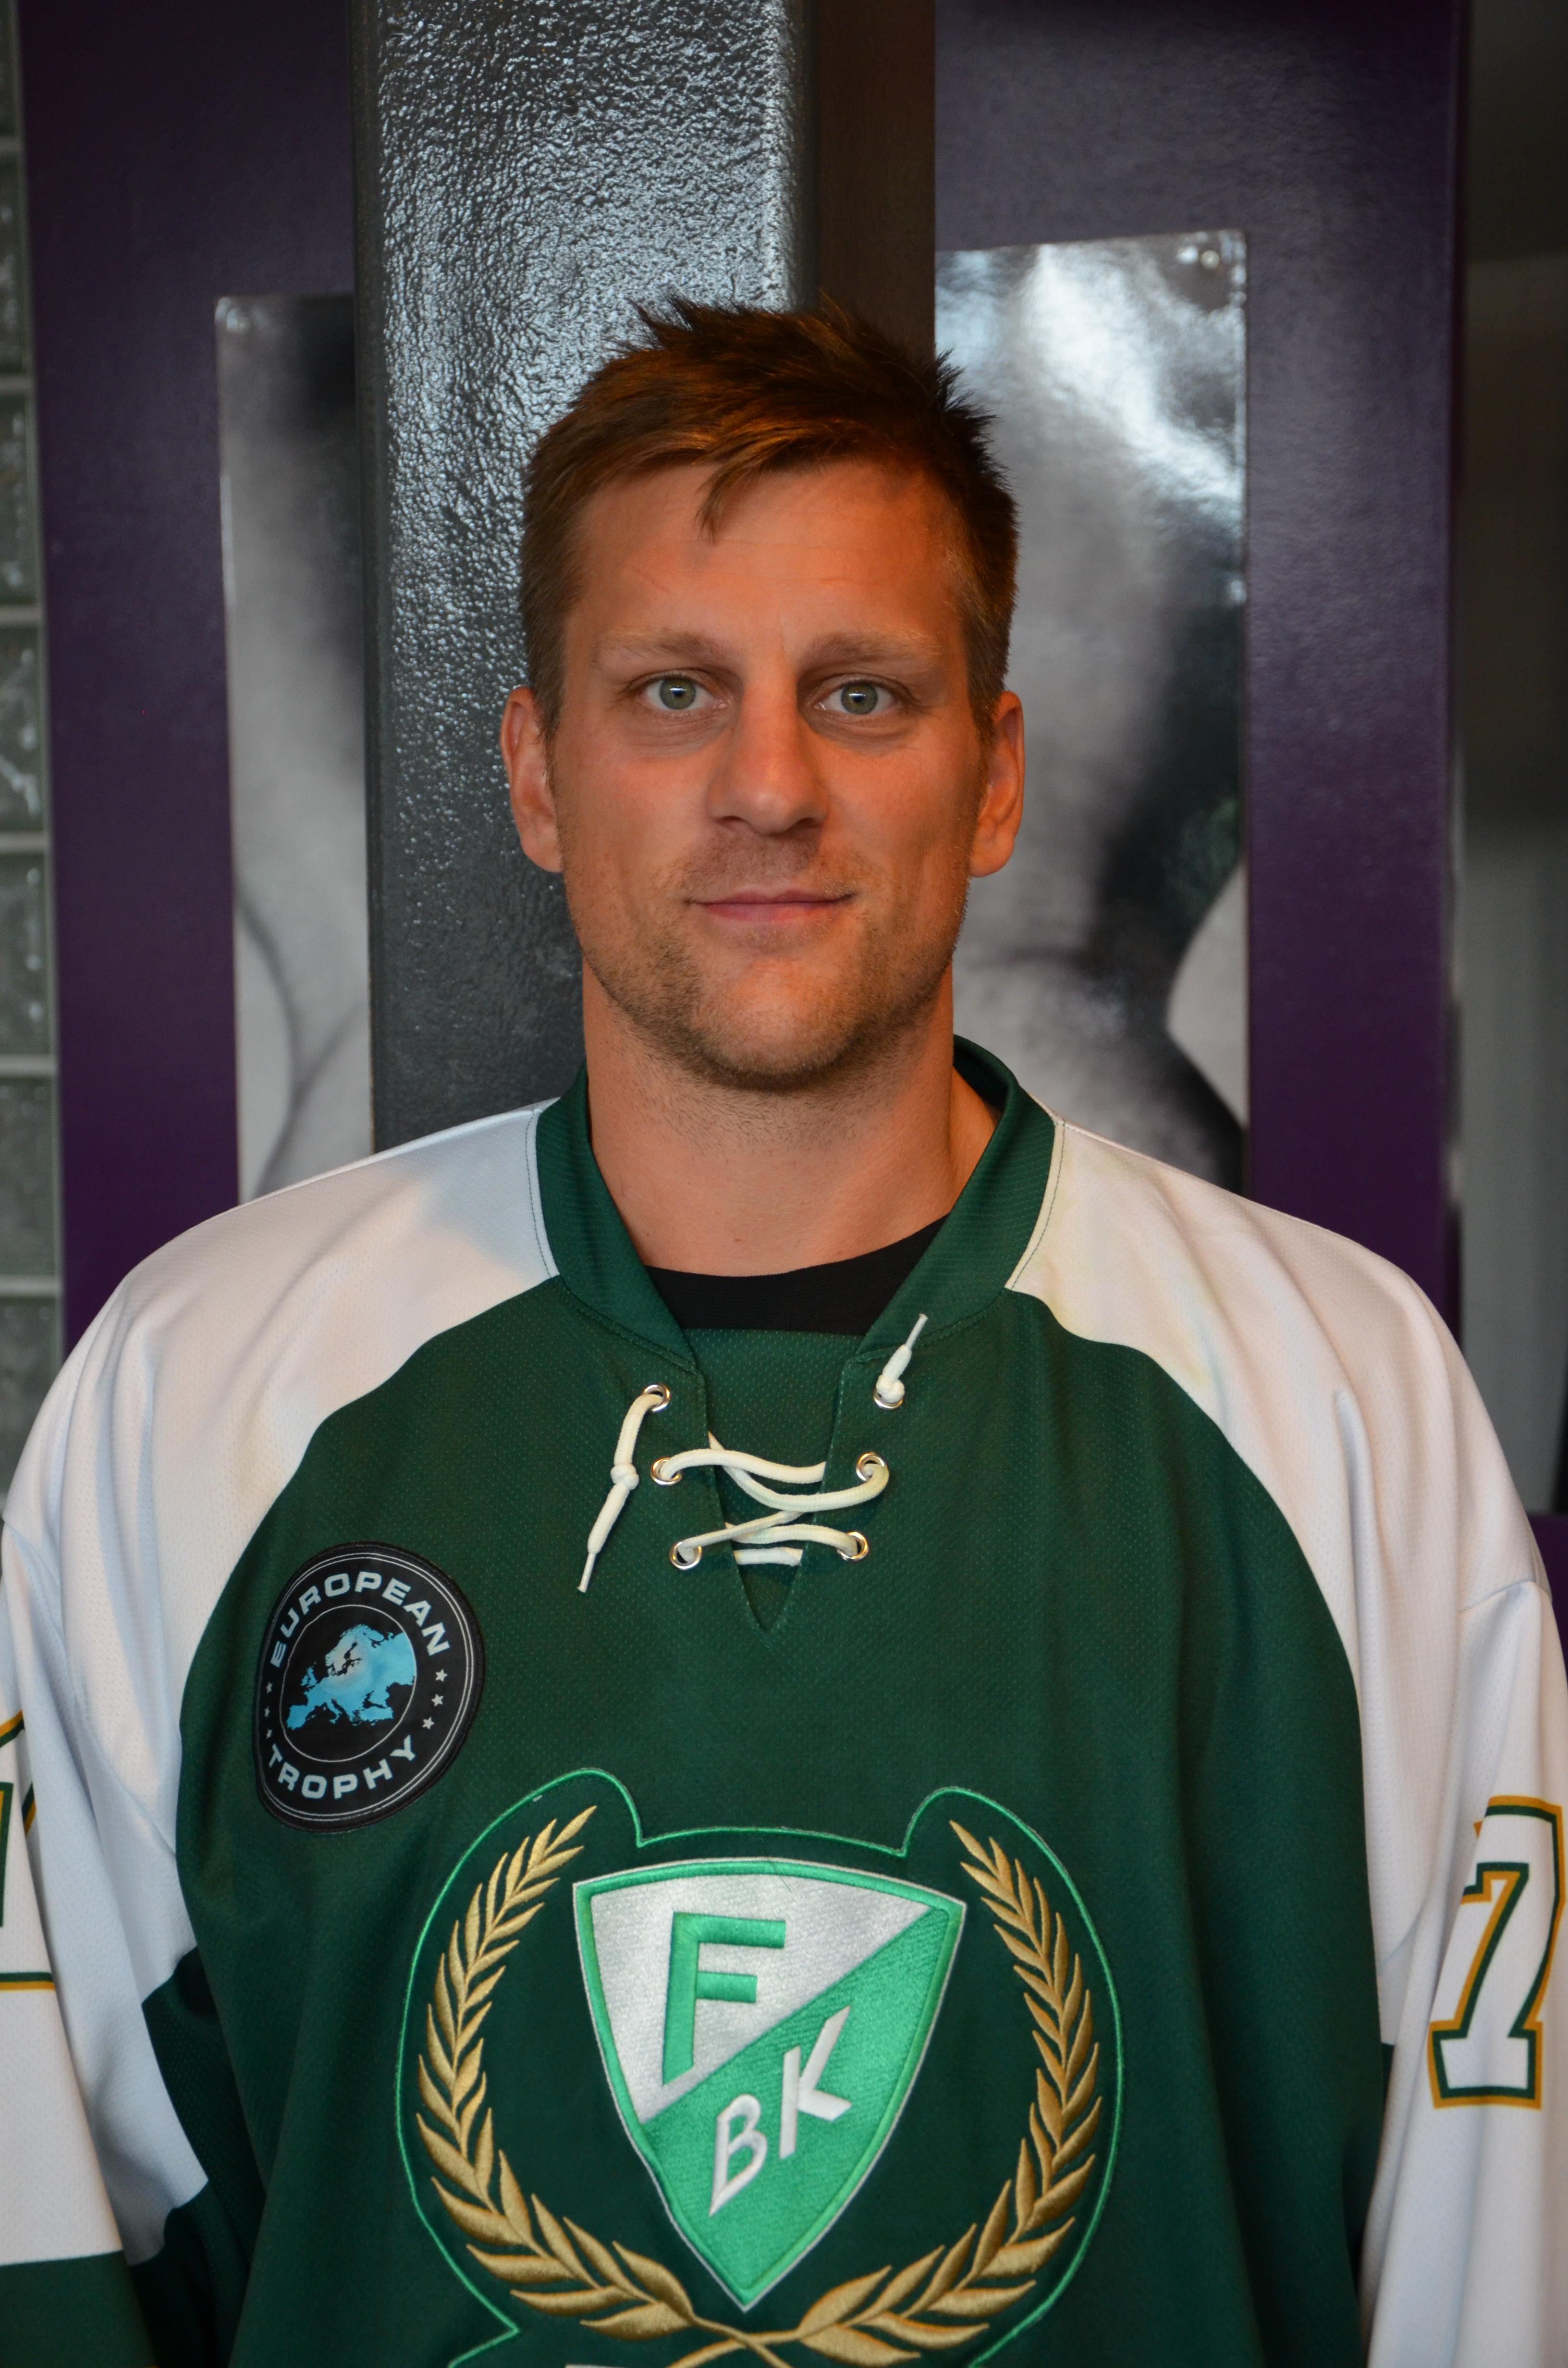 Christian Berglund hamnade minst sagt i hetluften efter tacklingen mot Peter Öberg!  Foto: Robin Angle/fbkbloggen